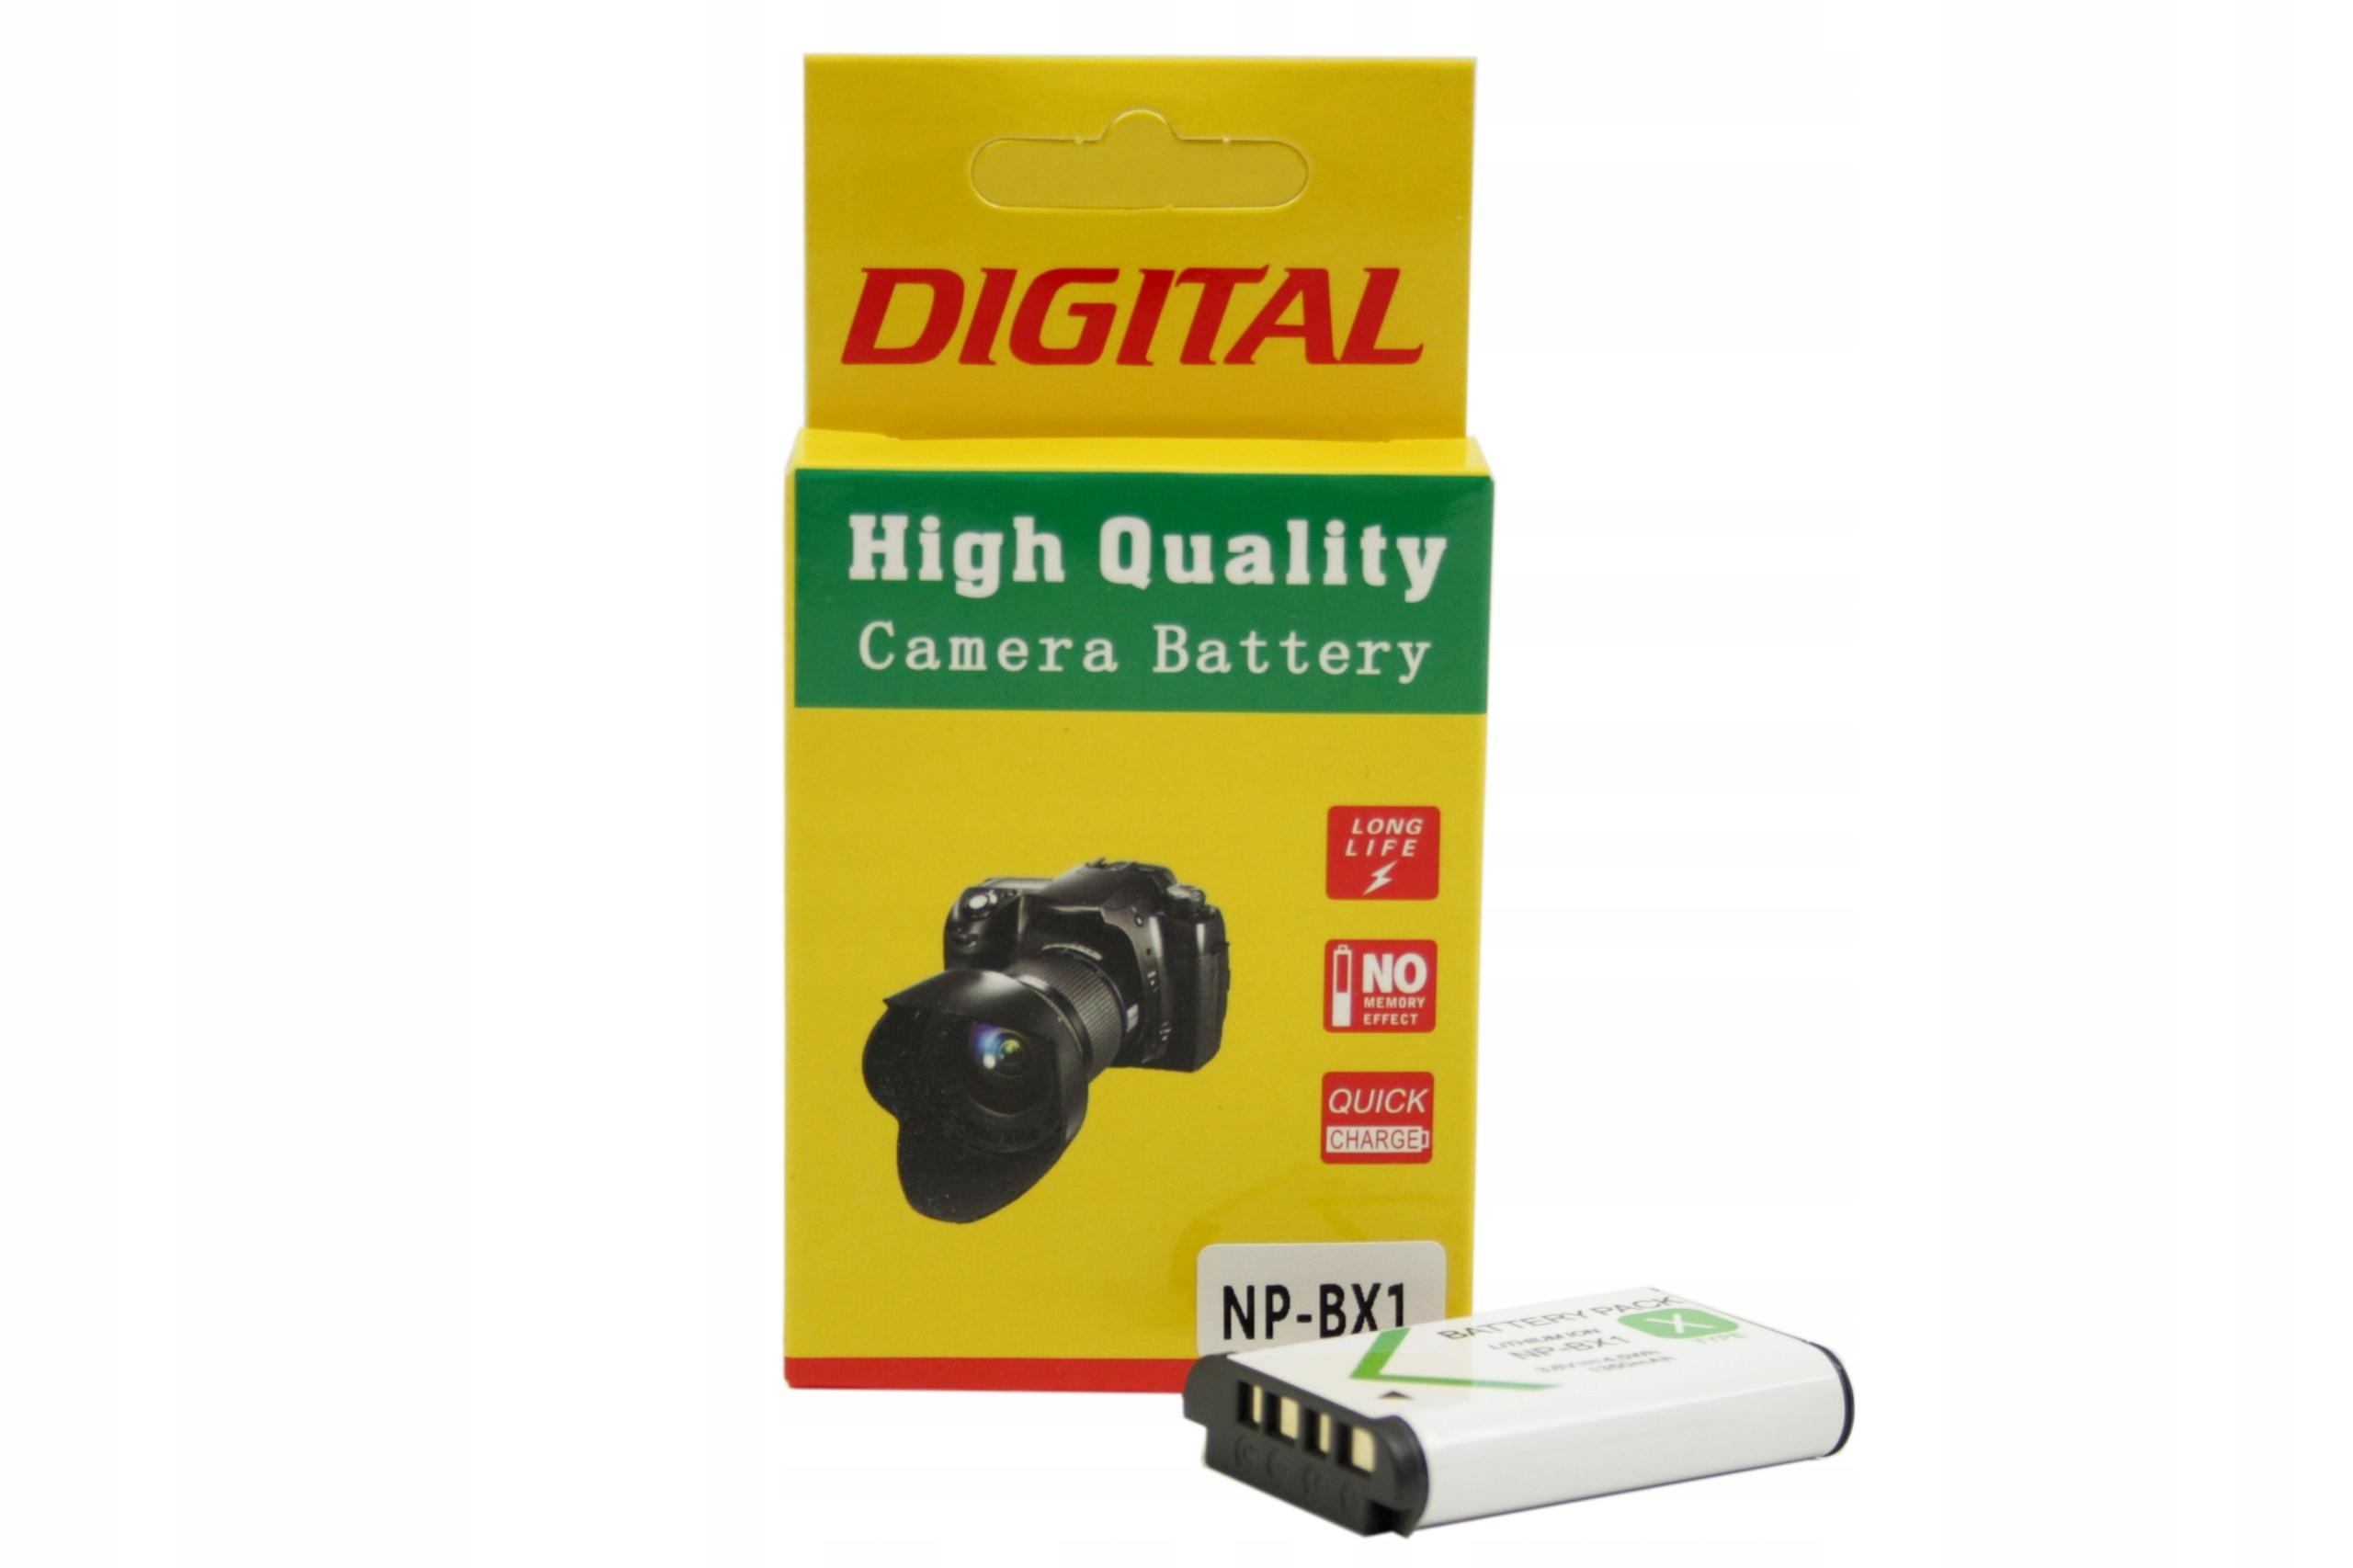 BATERIA AKUMULATOR SONY NP-BX1 DSC-RX100 HDR-AS10 - Baterie do aparatów cyfrowych